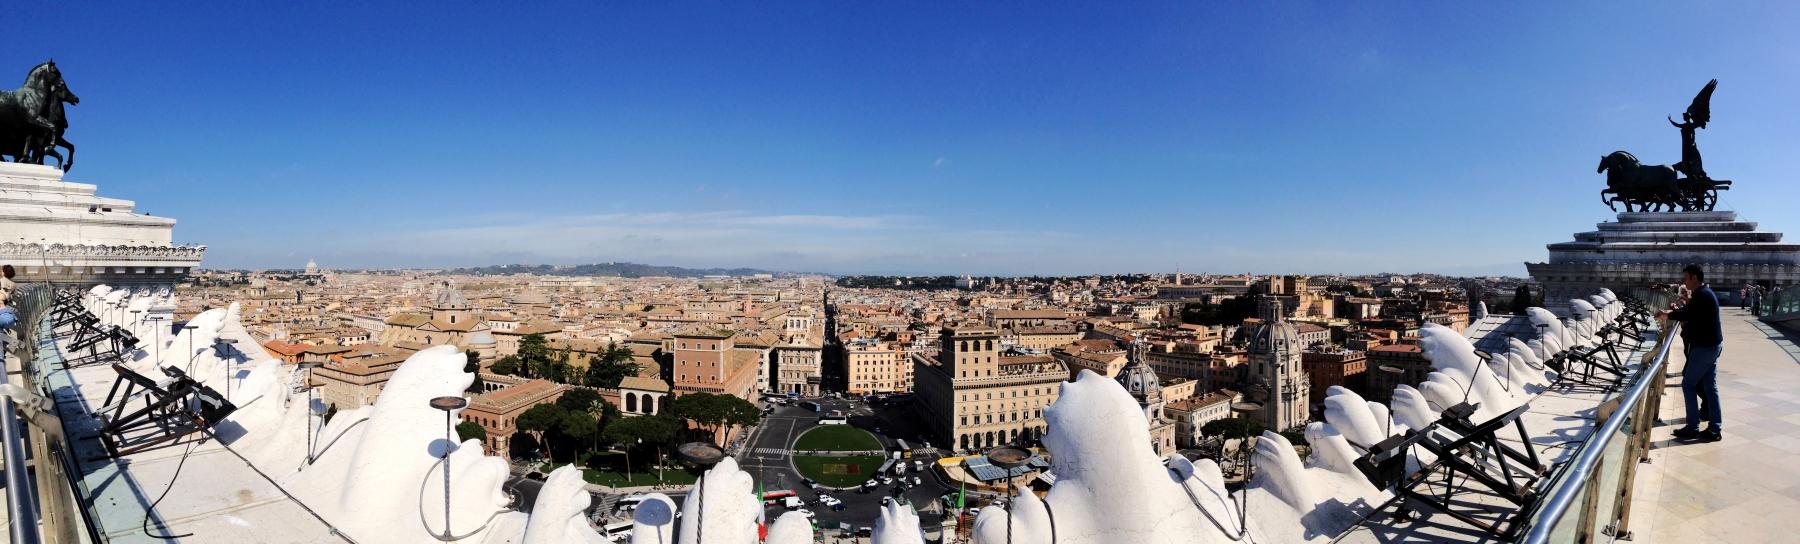 Rome_36_2